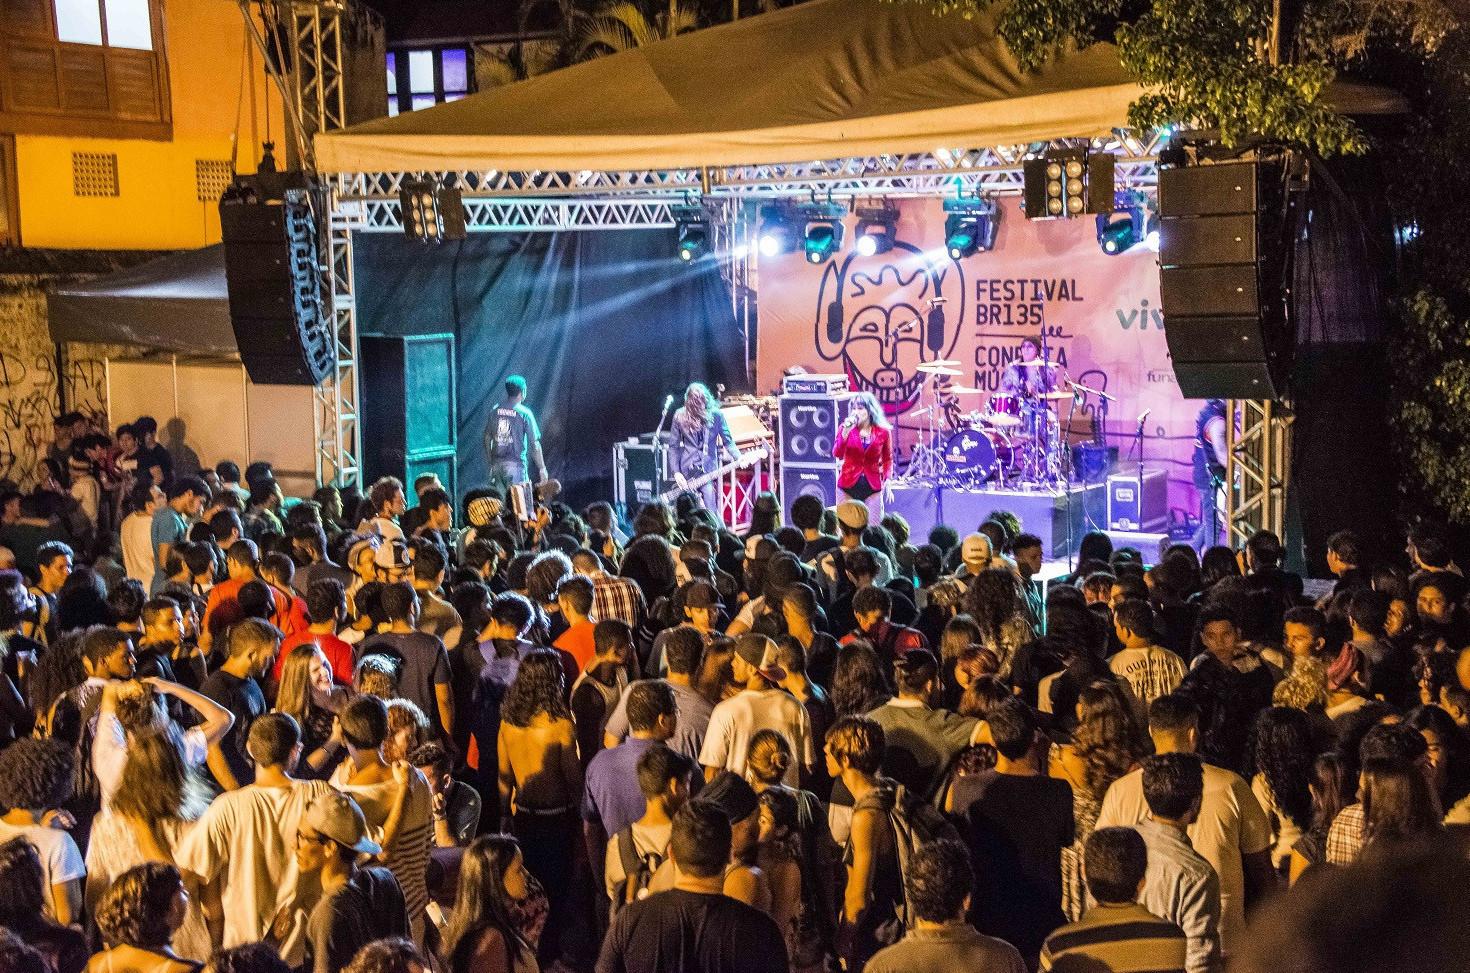 O evento acontece nos dias 11 e 12 na Beira-Rio (Foto: Reprodução)